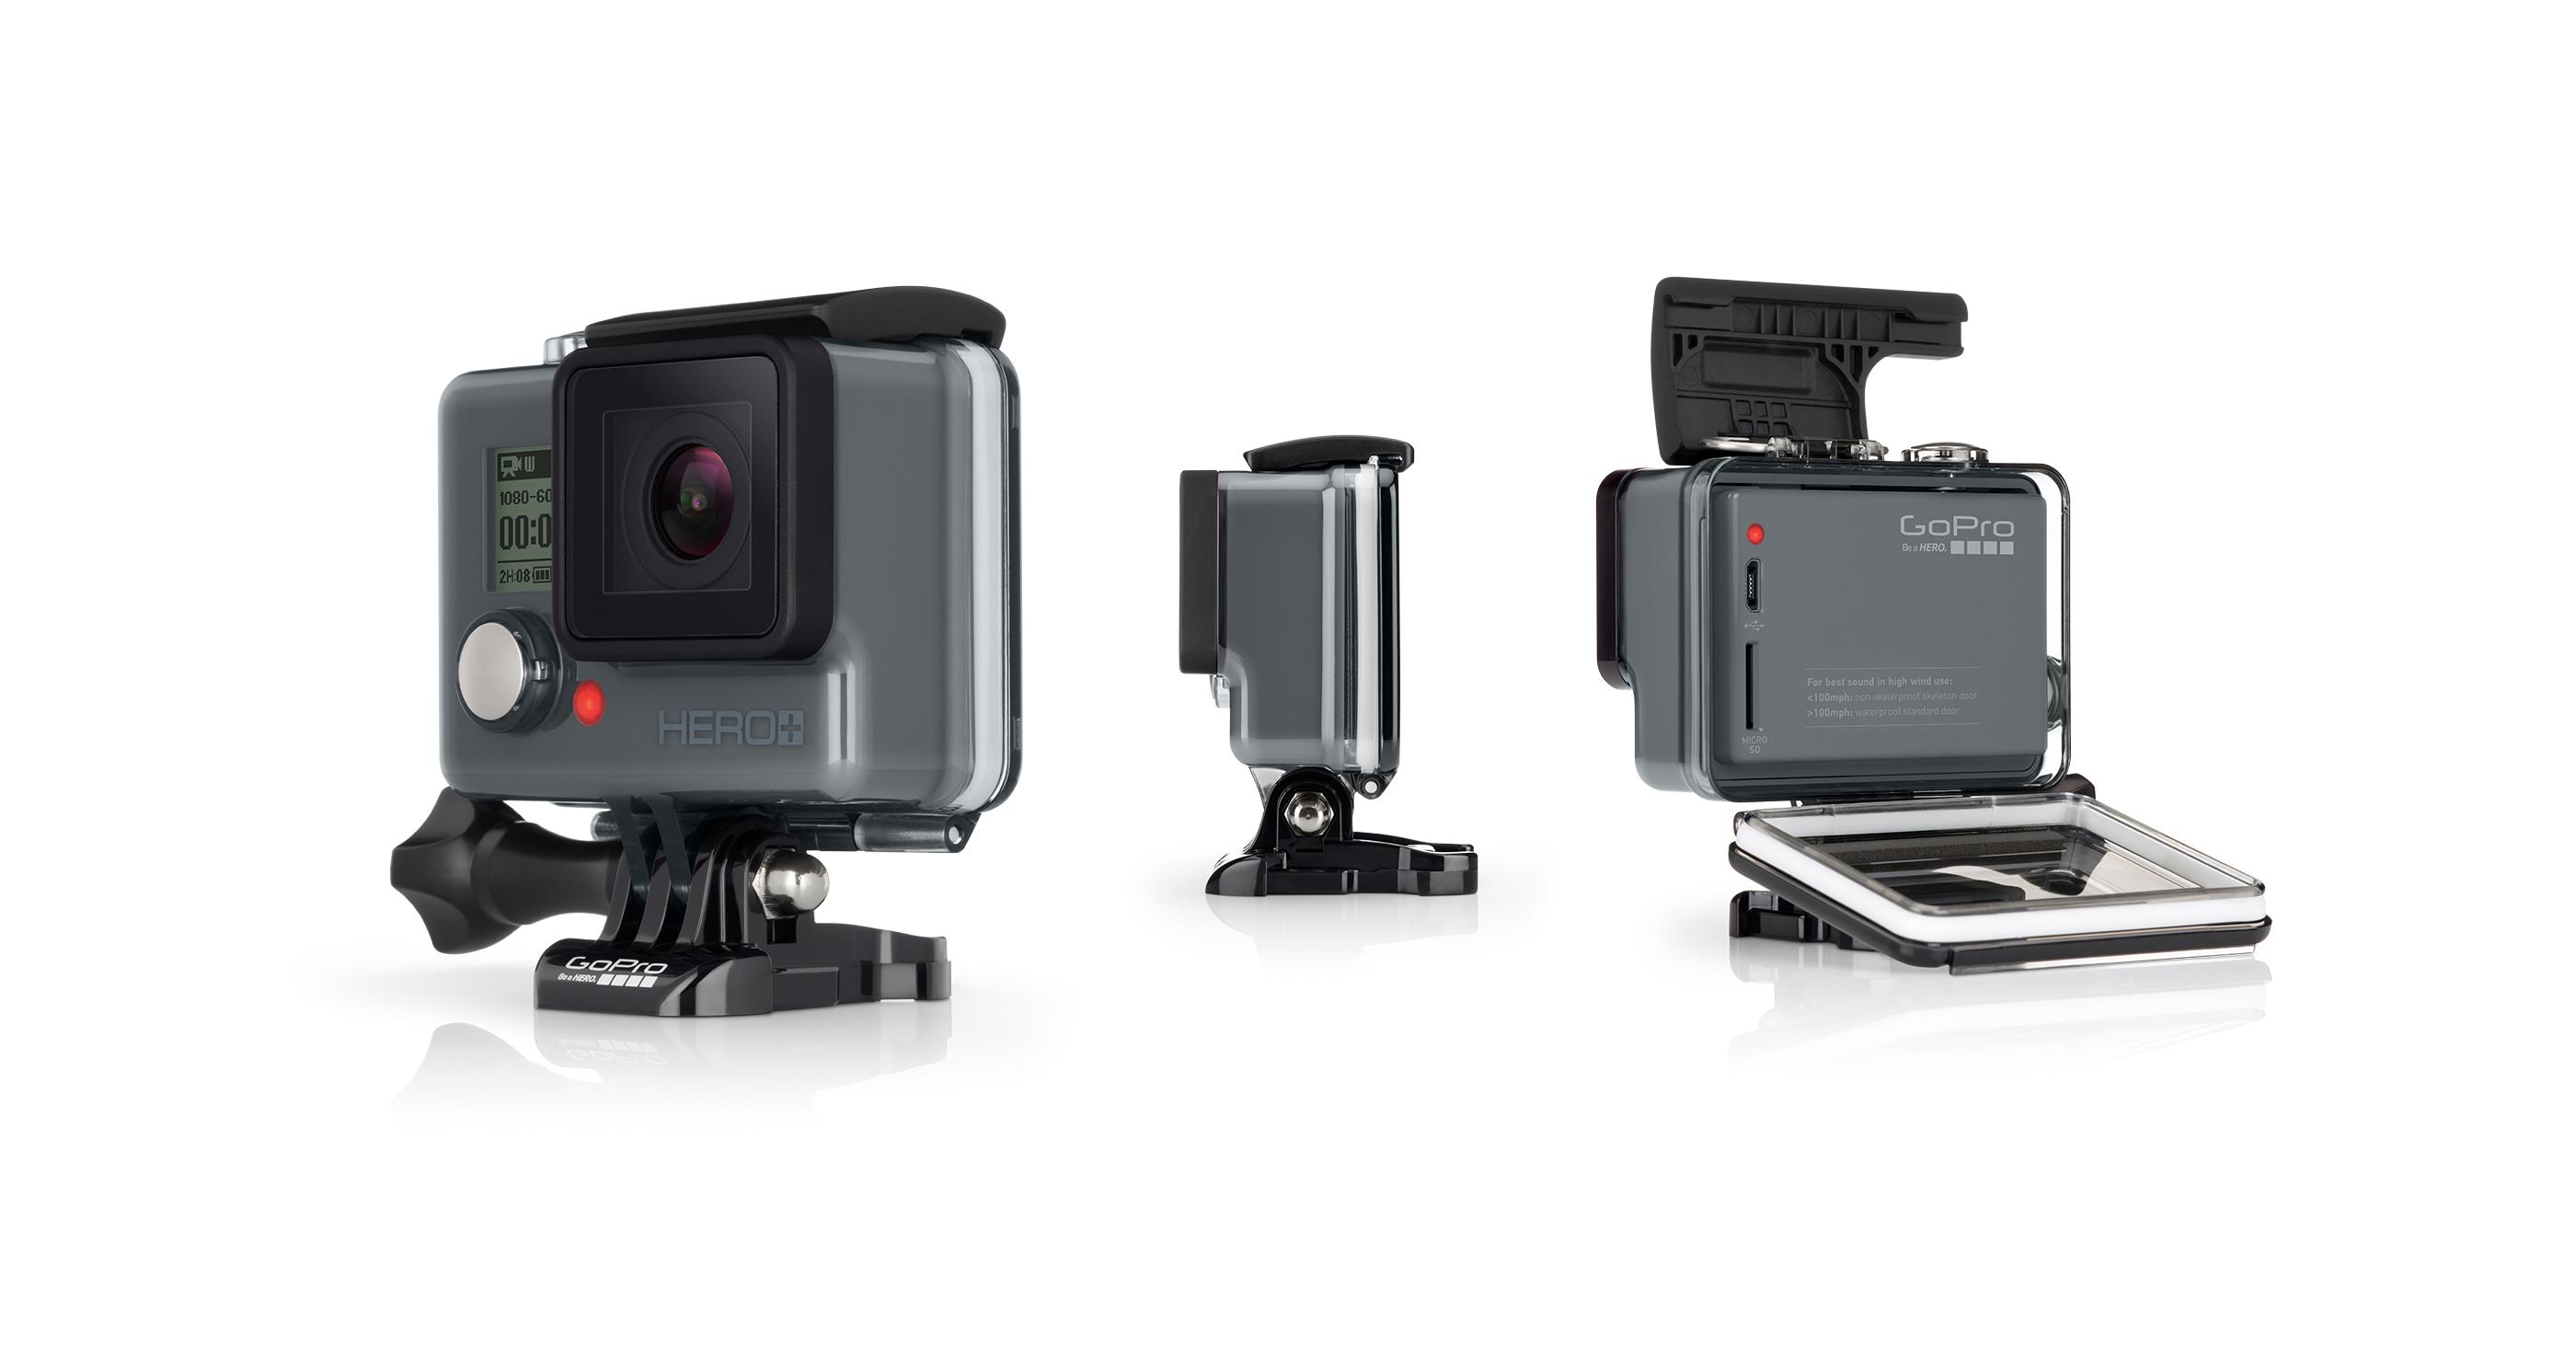 GoPro HERO+ : une nouvelle action cam à «seulement» 229,99 euros